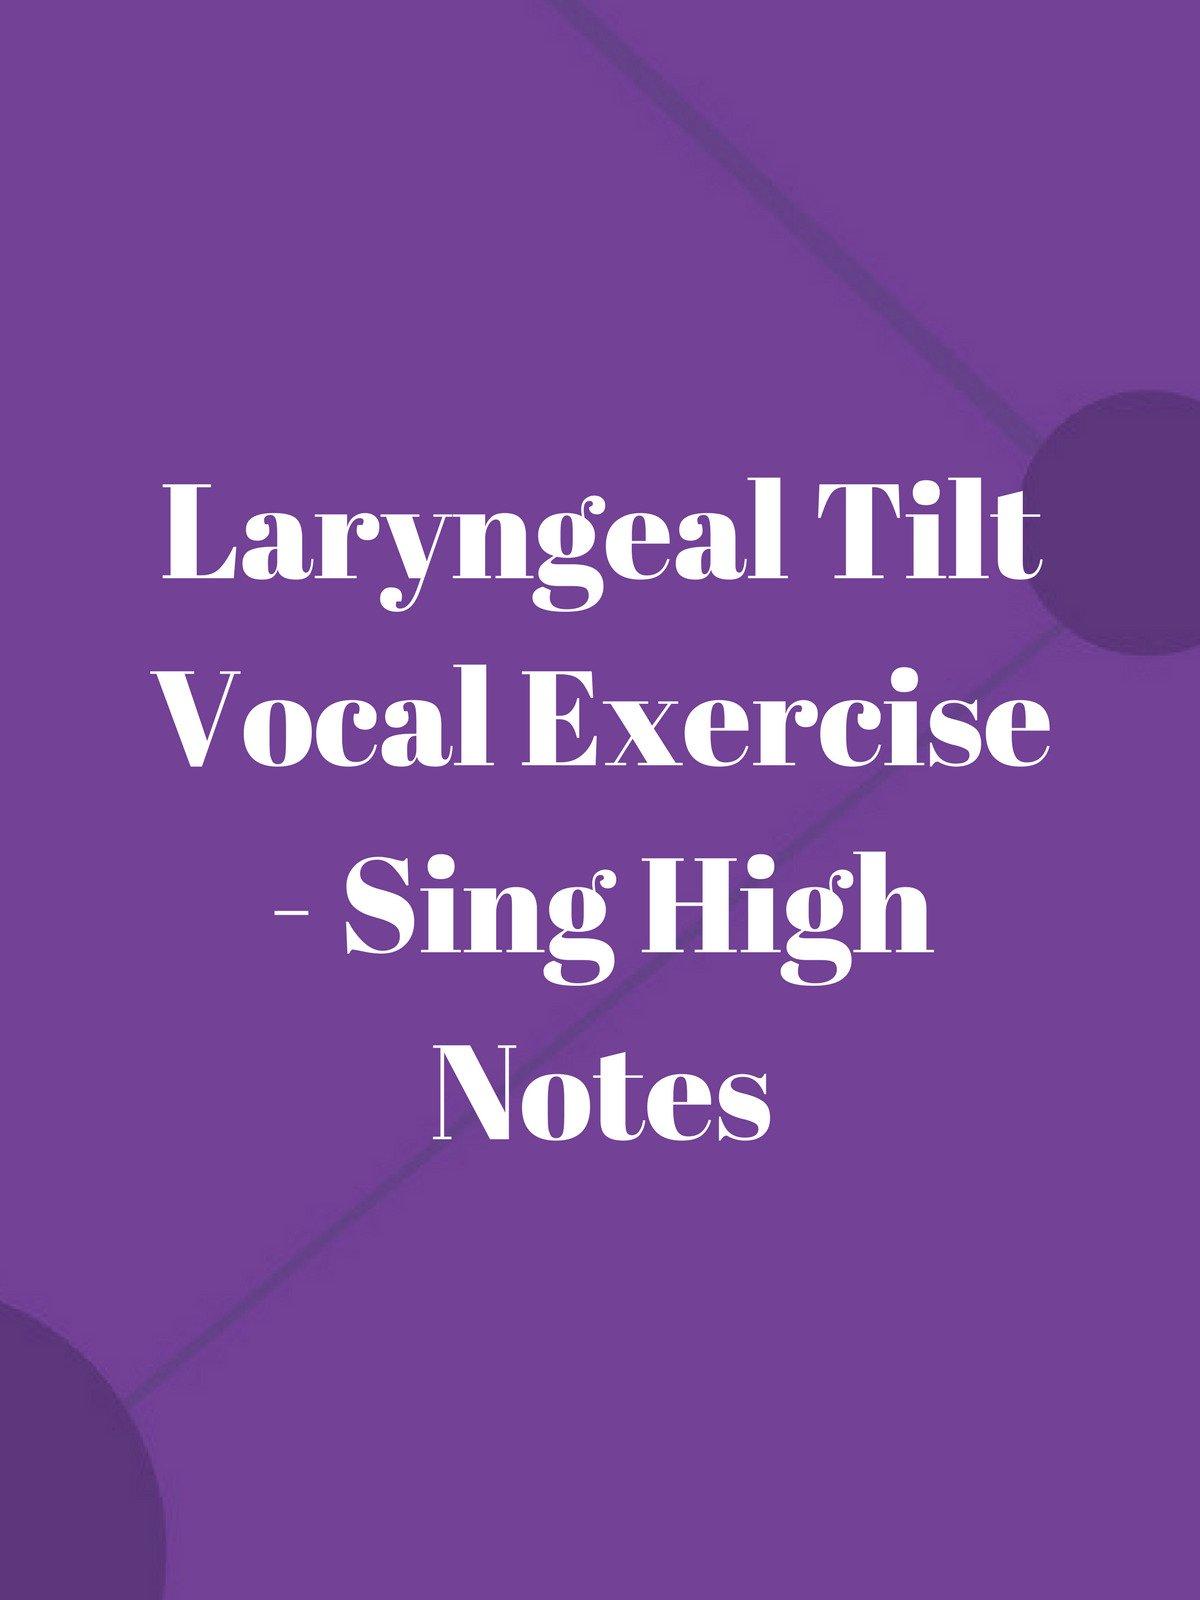 Laryngeal Tilt Vocal Exercise